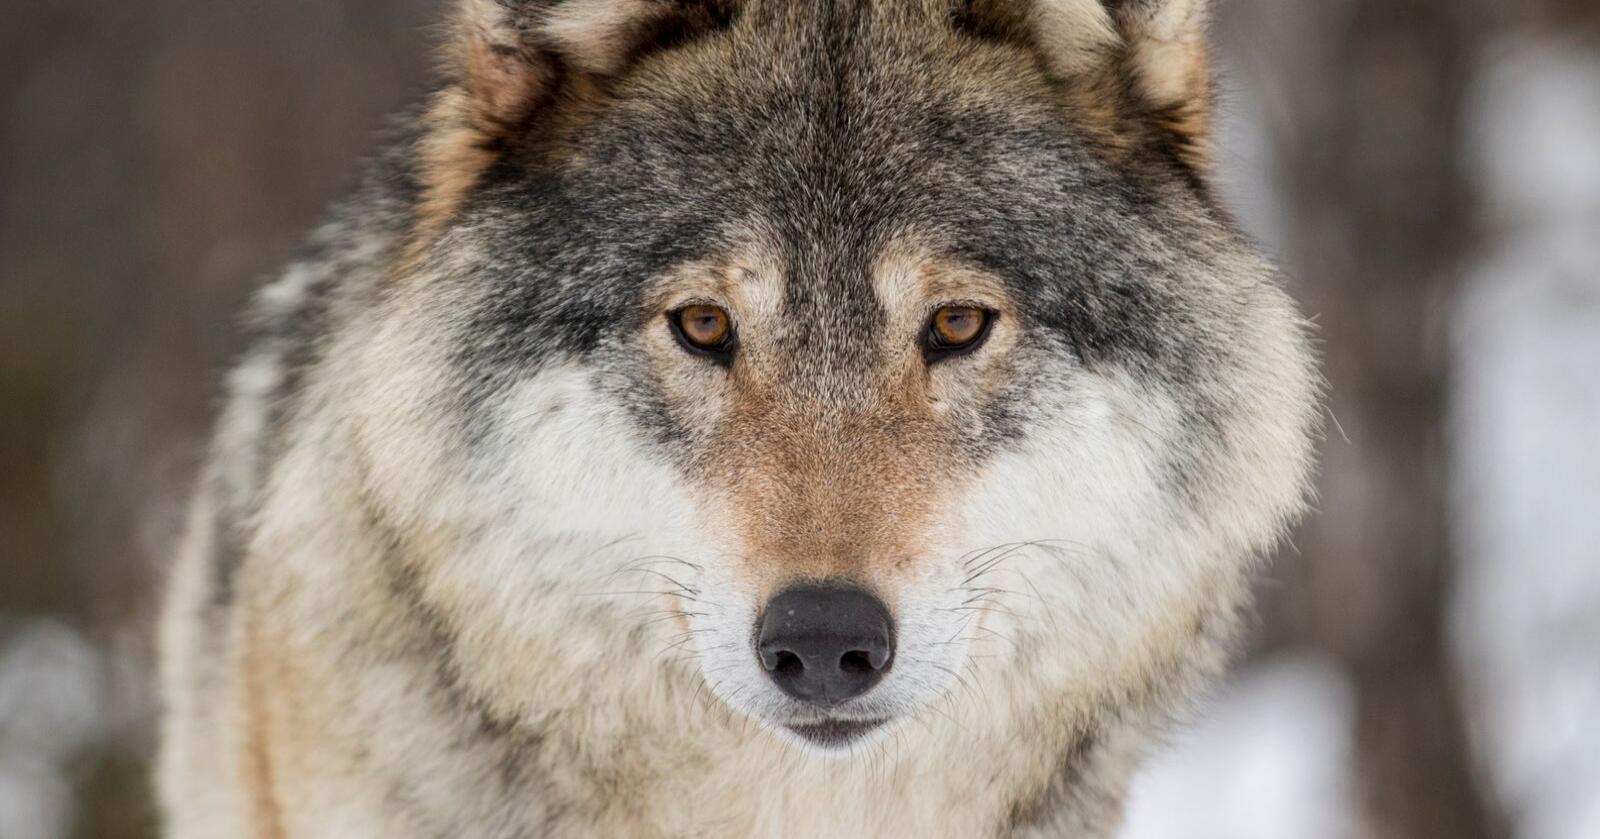 Fylkesmannen i Agder har gitt skadefellingstillatelse på en ulv fram til 8. juli. Illustrasjonsfoto: Heiko Junge / NTB scanpix